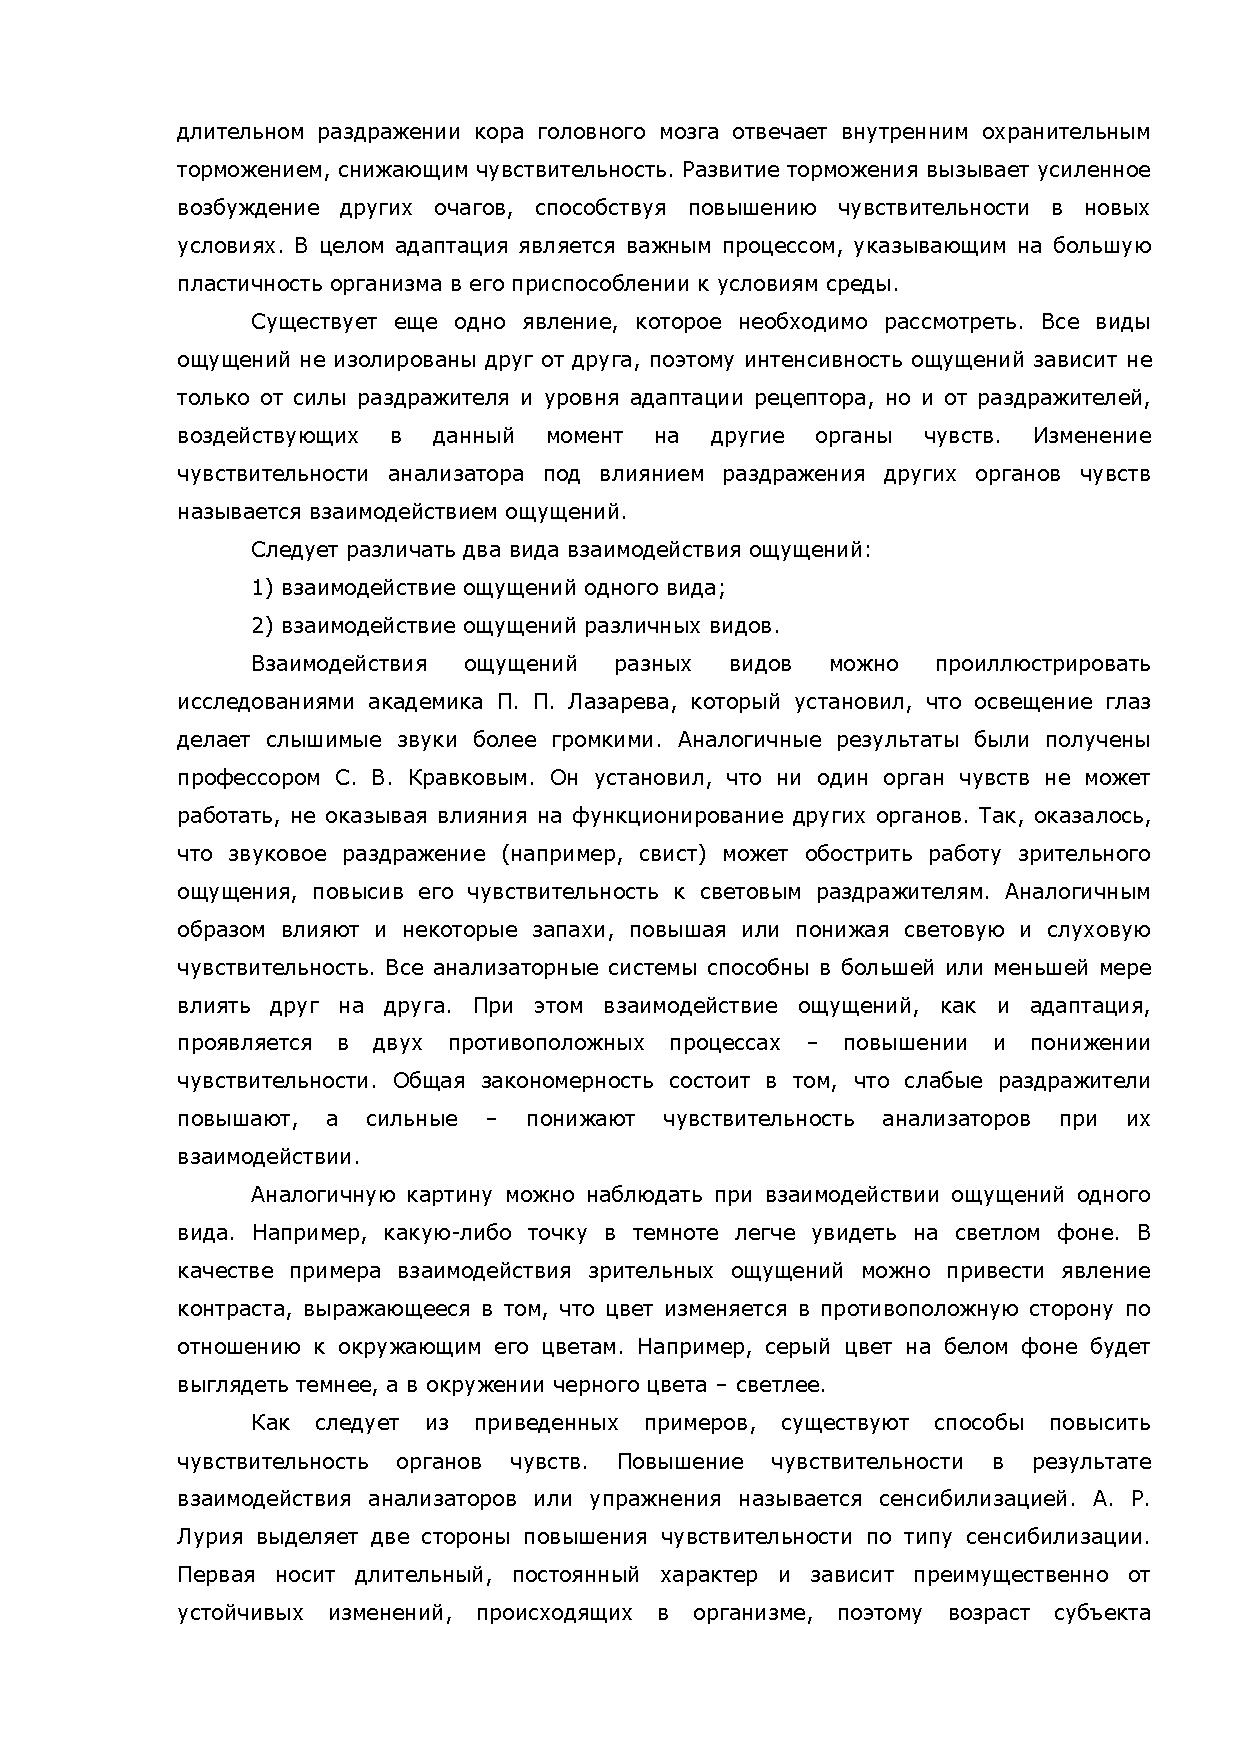 Сенсибилизирующая реакция: классификация состояния и основные симптомы | medeponim.ru